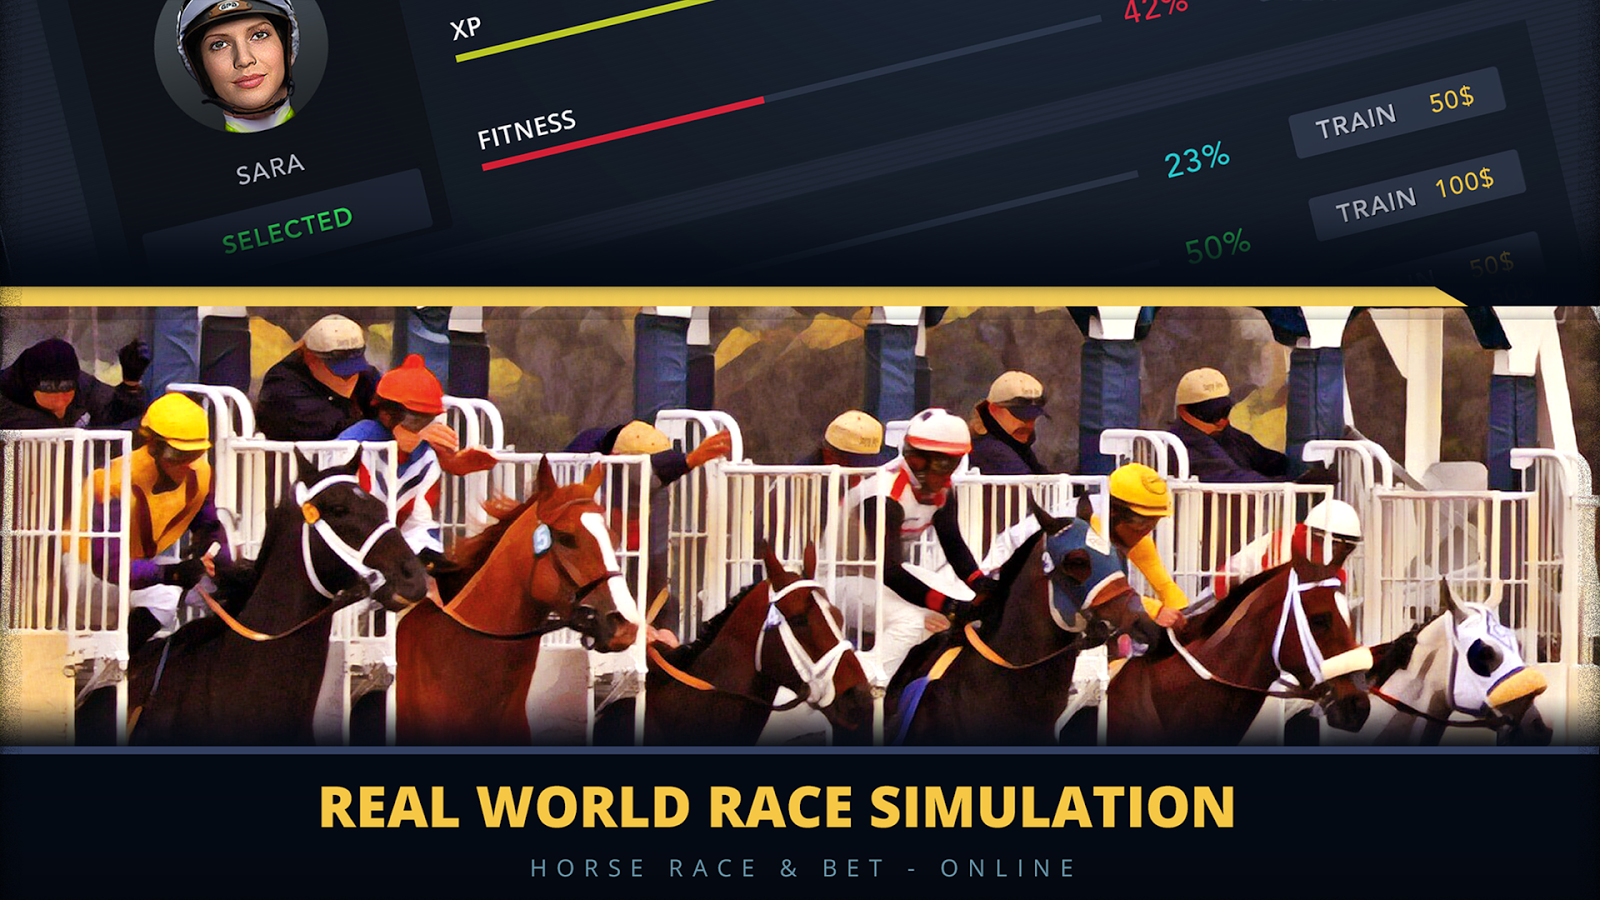 Horse Race & Bet